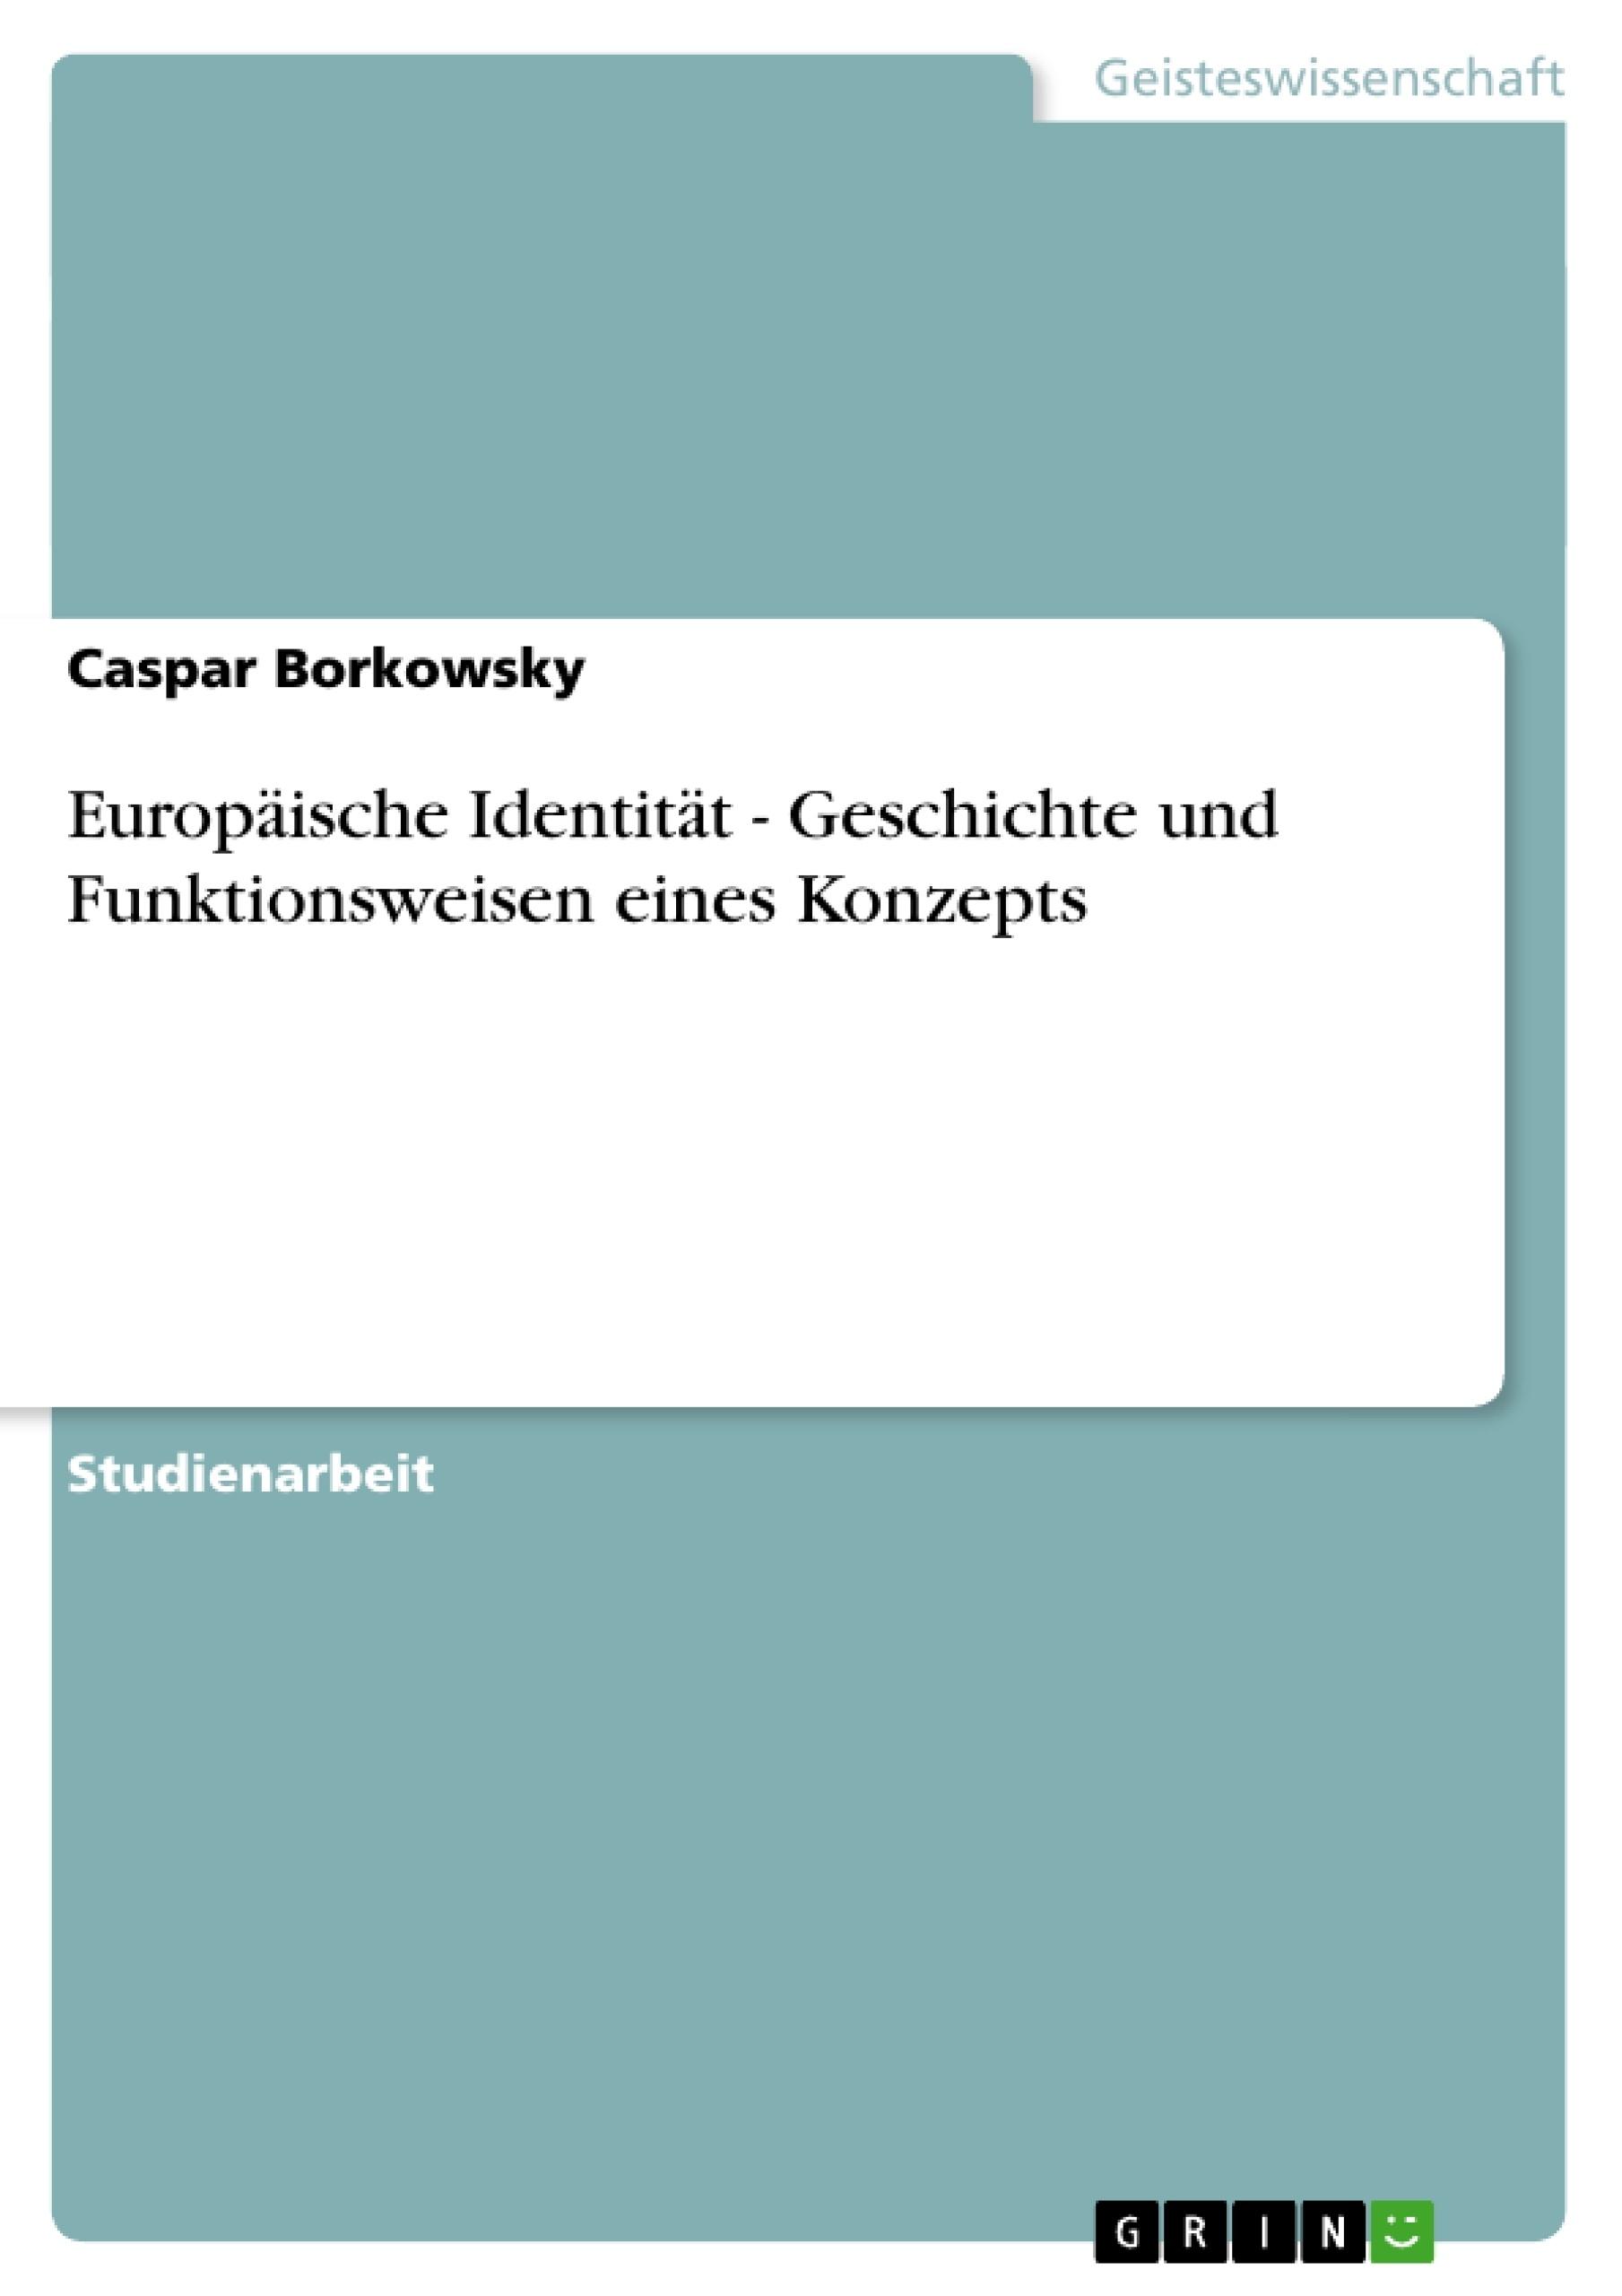 Titel: Europäische Identität - Geschichte und Funktionsweisen eines Konzepts